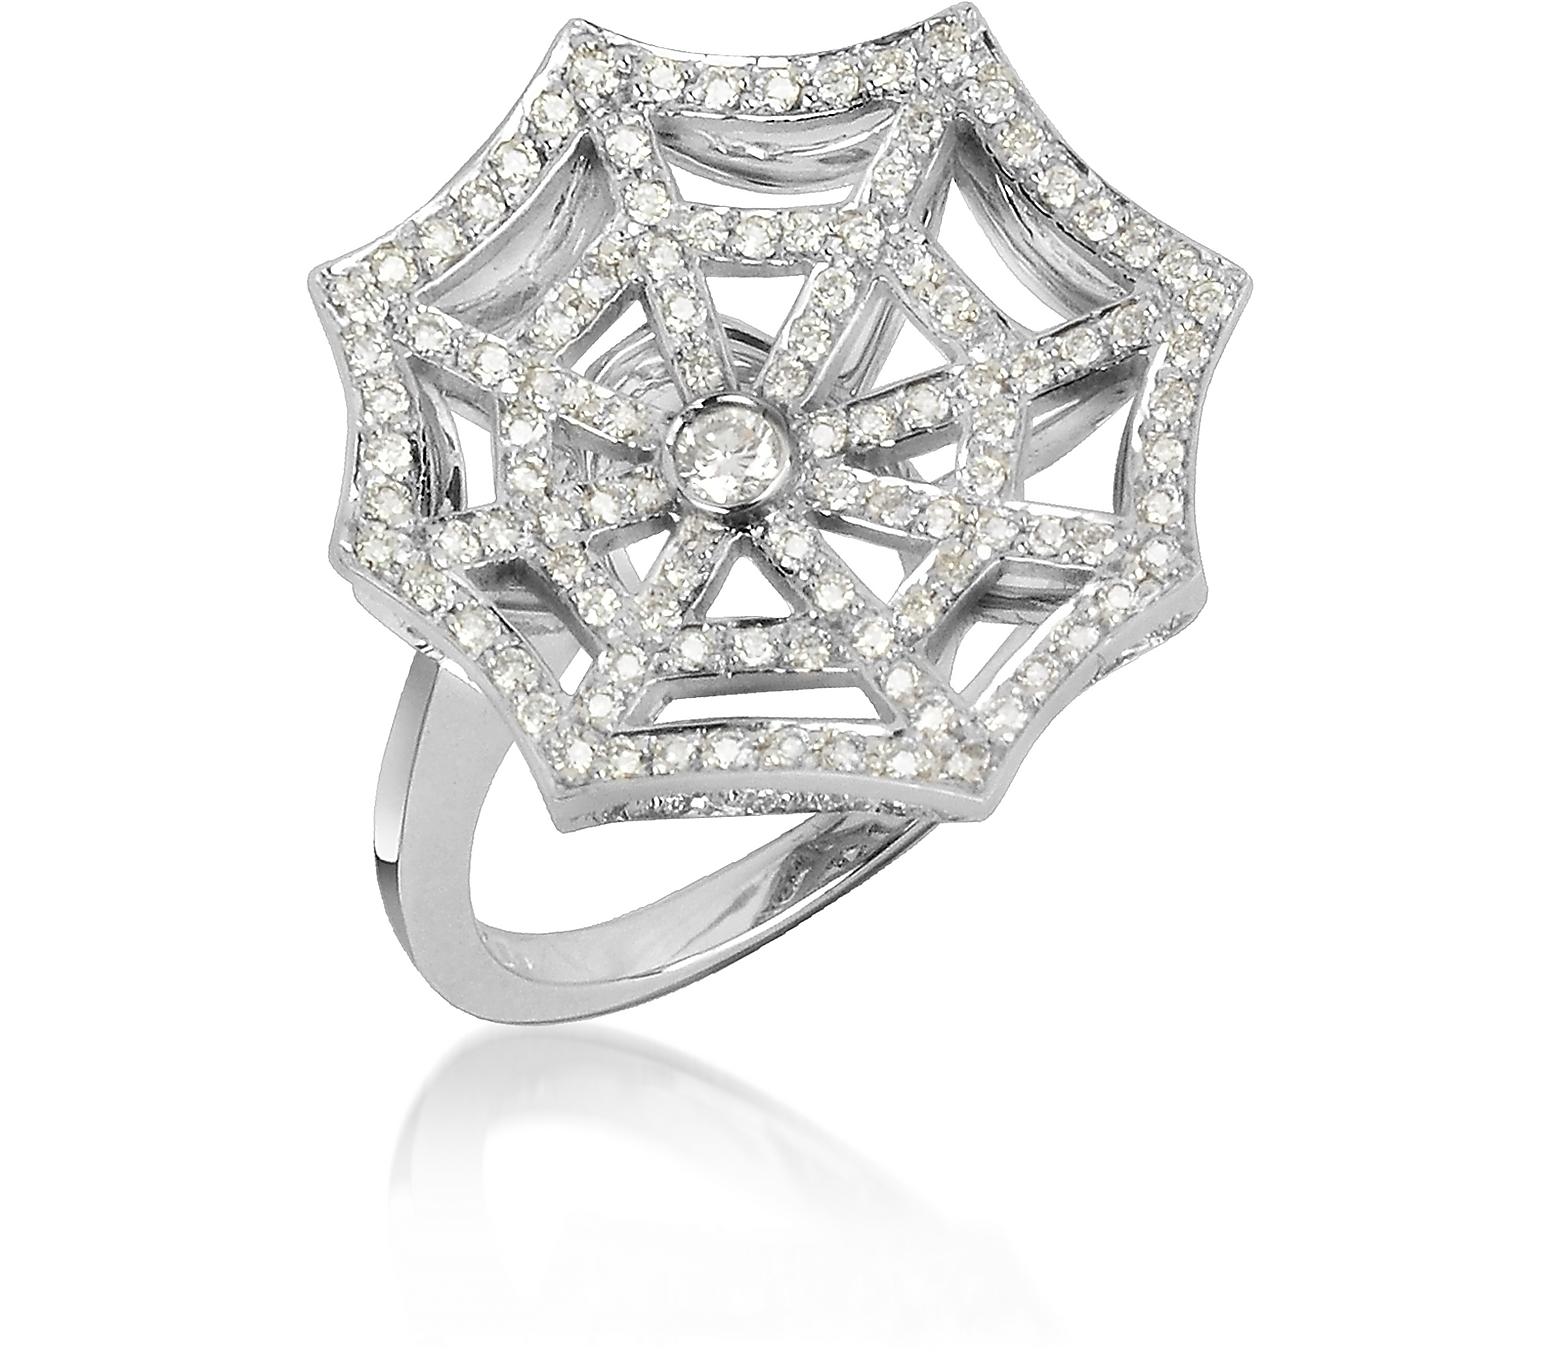 0.73 ctw Diamond 18K Gold Ring